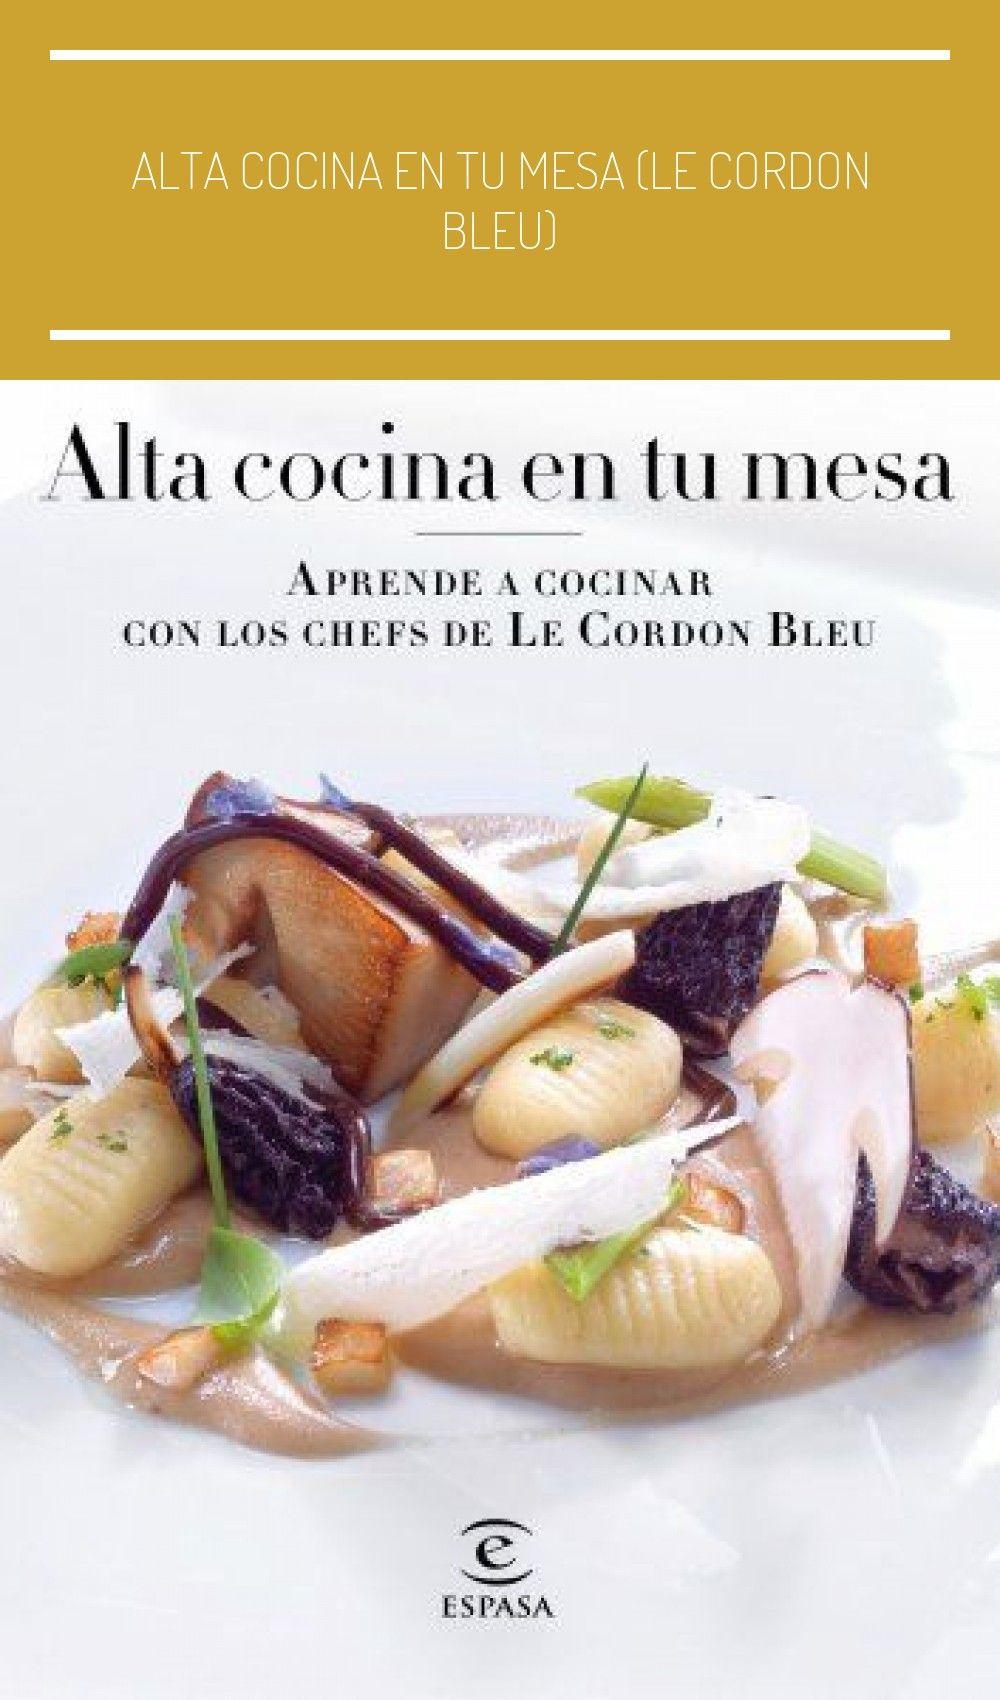 Comida Francesa Doce Alta Cocina En Tu Mesa Le Cordon Bleu Libros Cordon Bleu Le Cordon Bleu Cordon Bleu Recipe